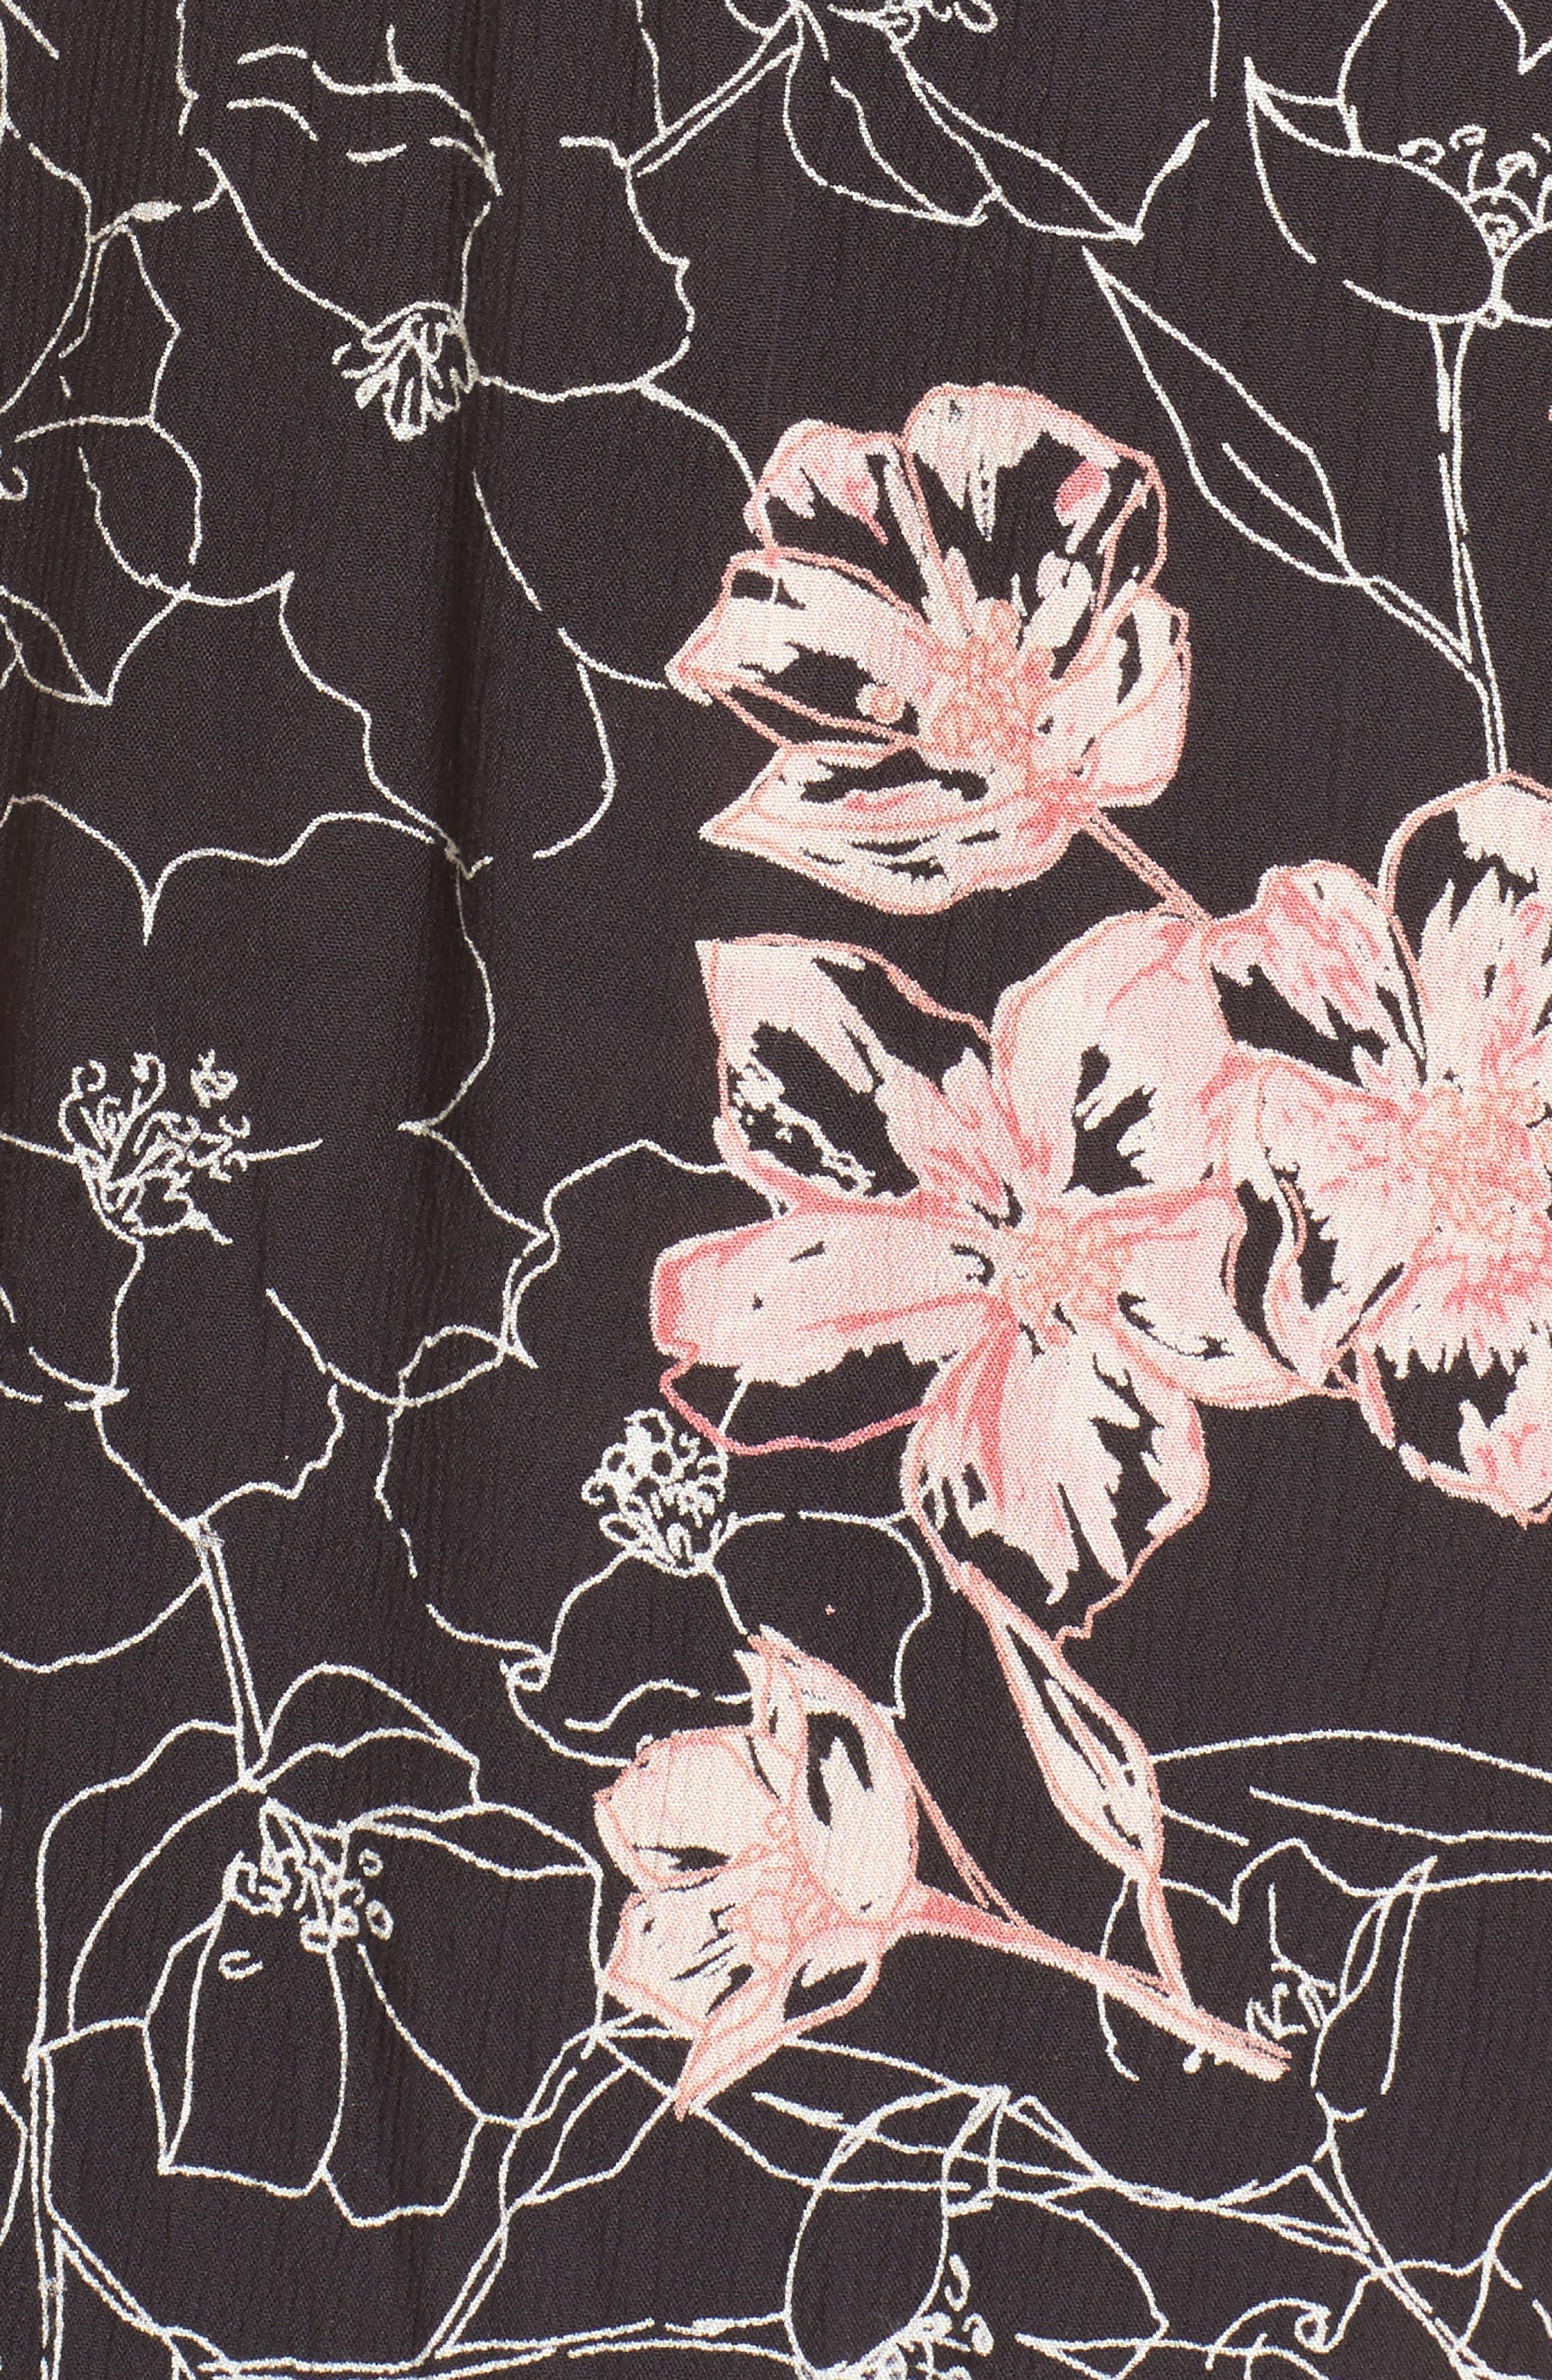 Wrap Me Up Midi Dress,                             Alternate thumbnail 5, color,                             001